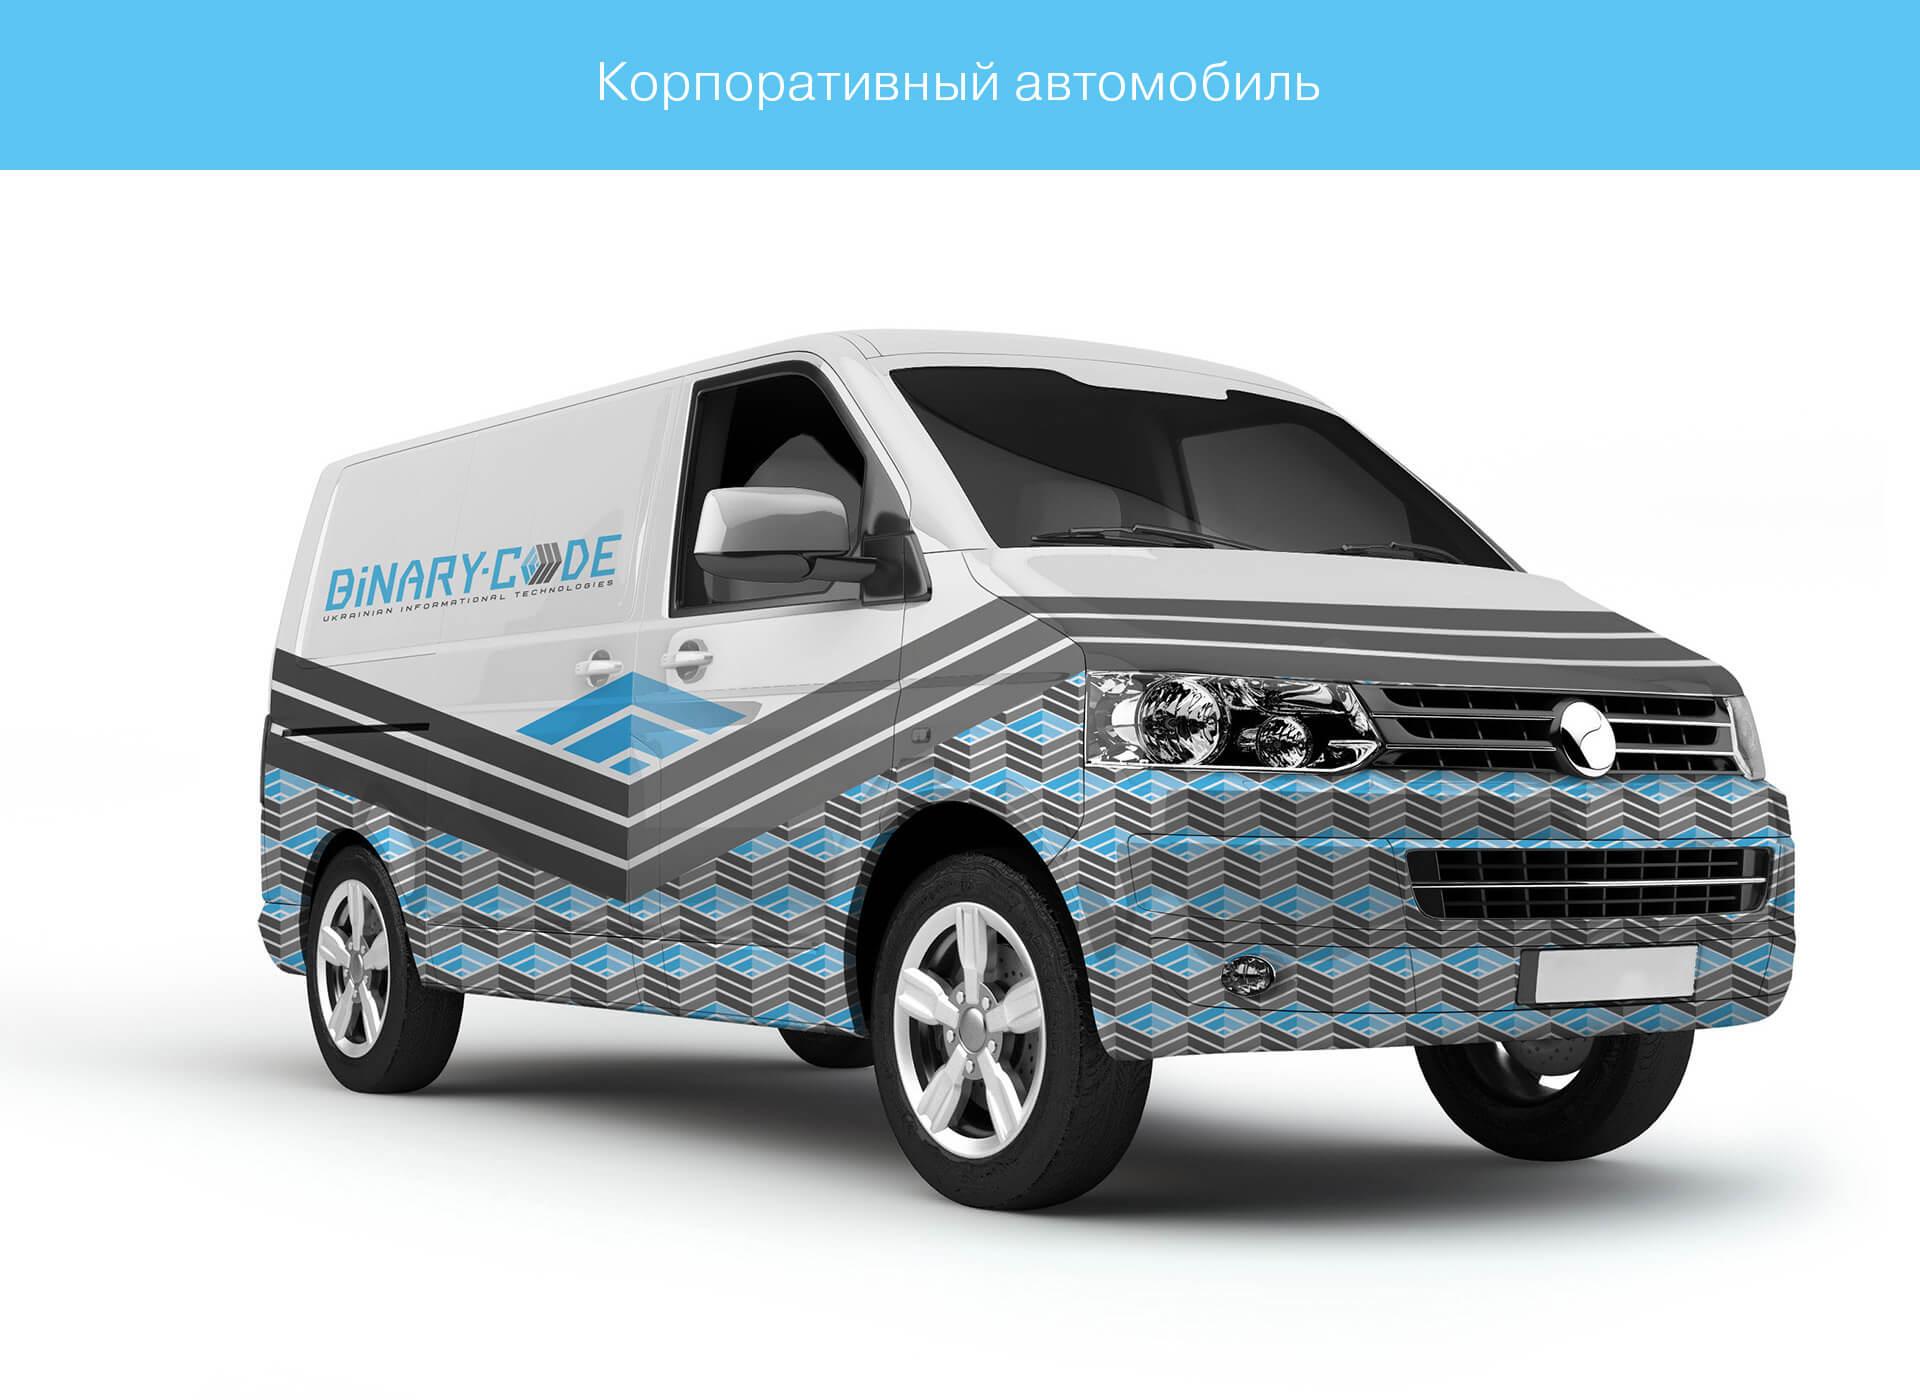 Prokochuk_Irina_BINARY-CODE_24_